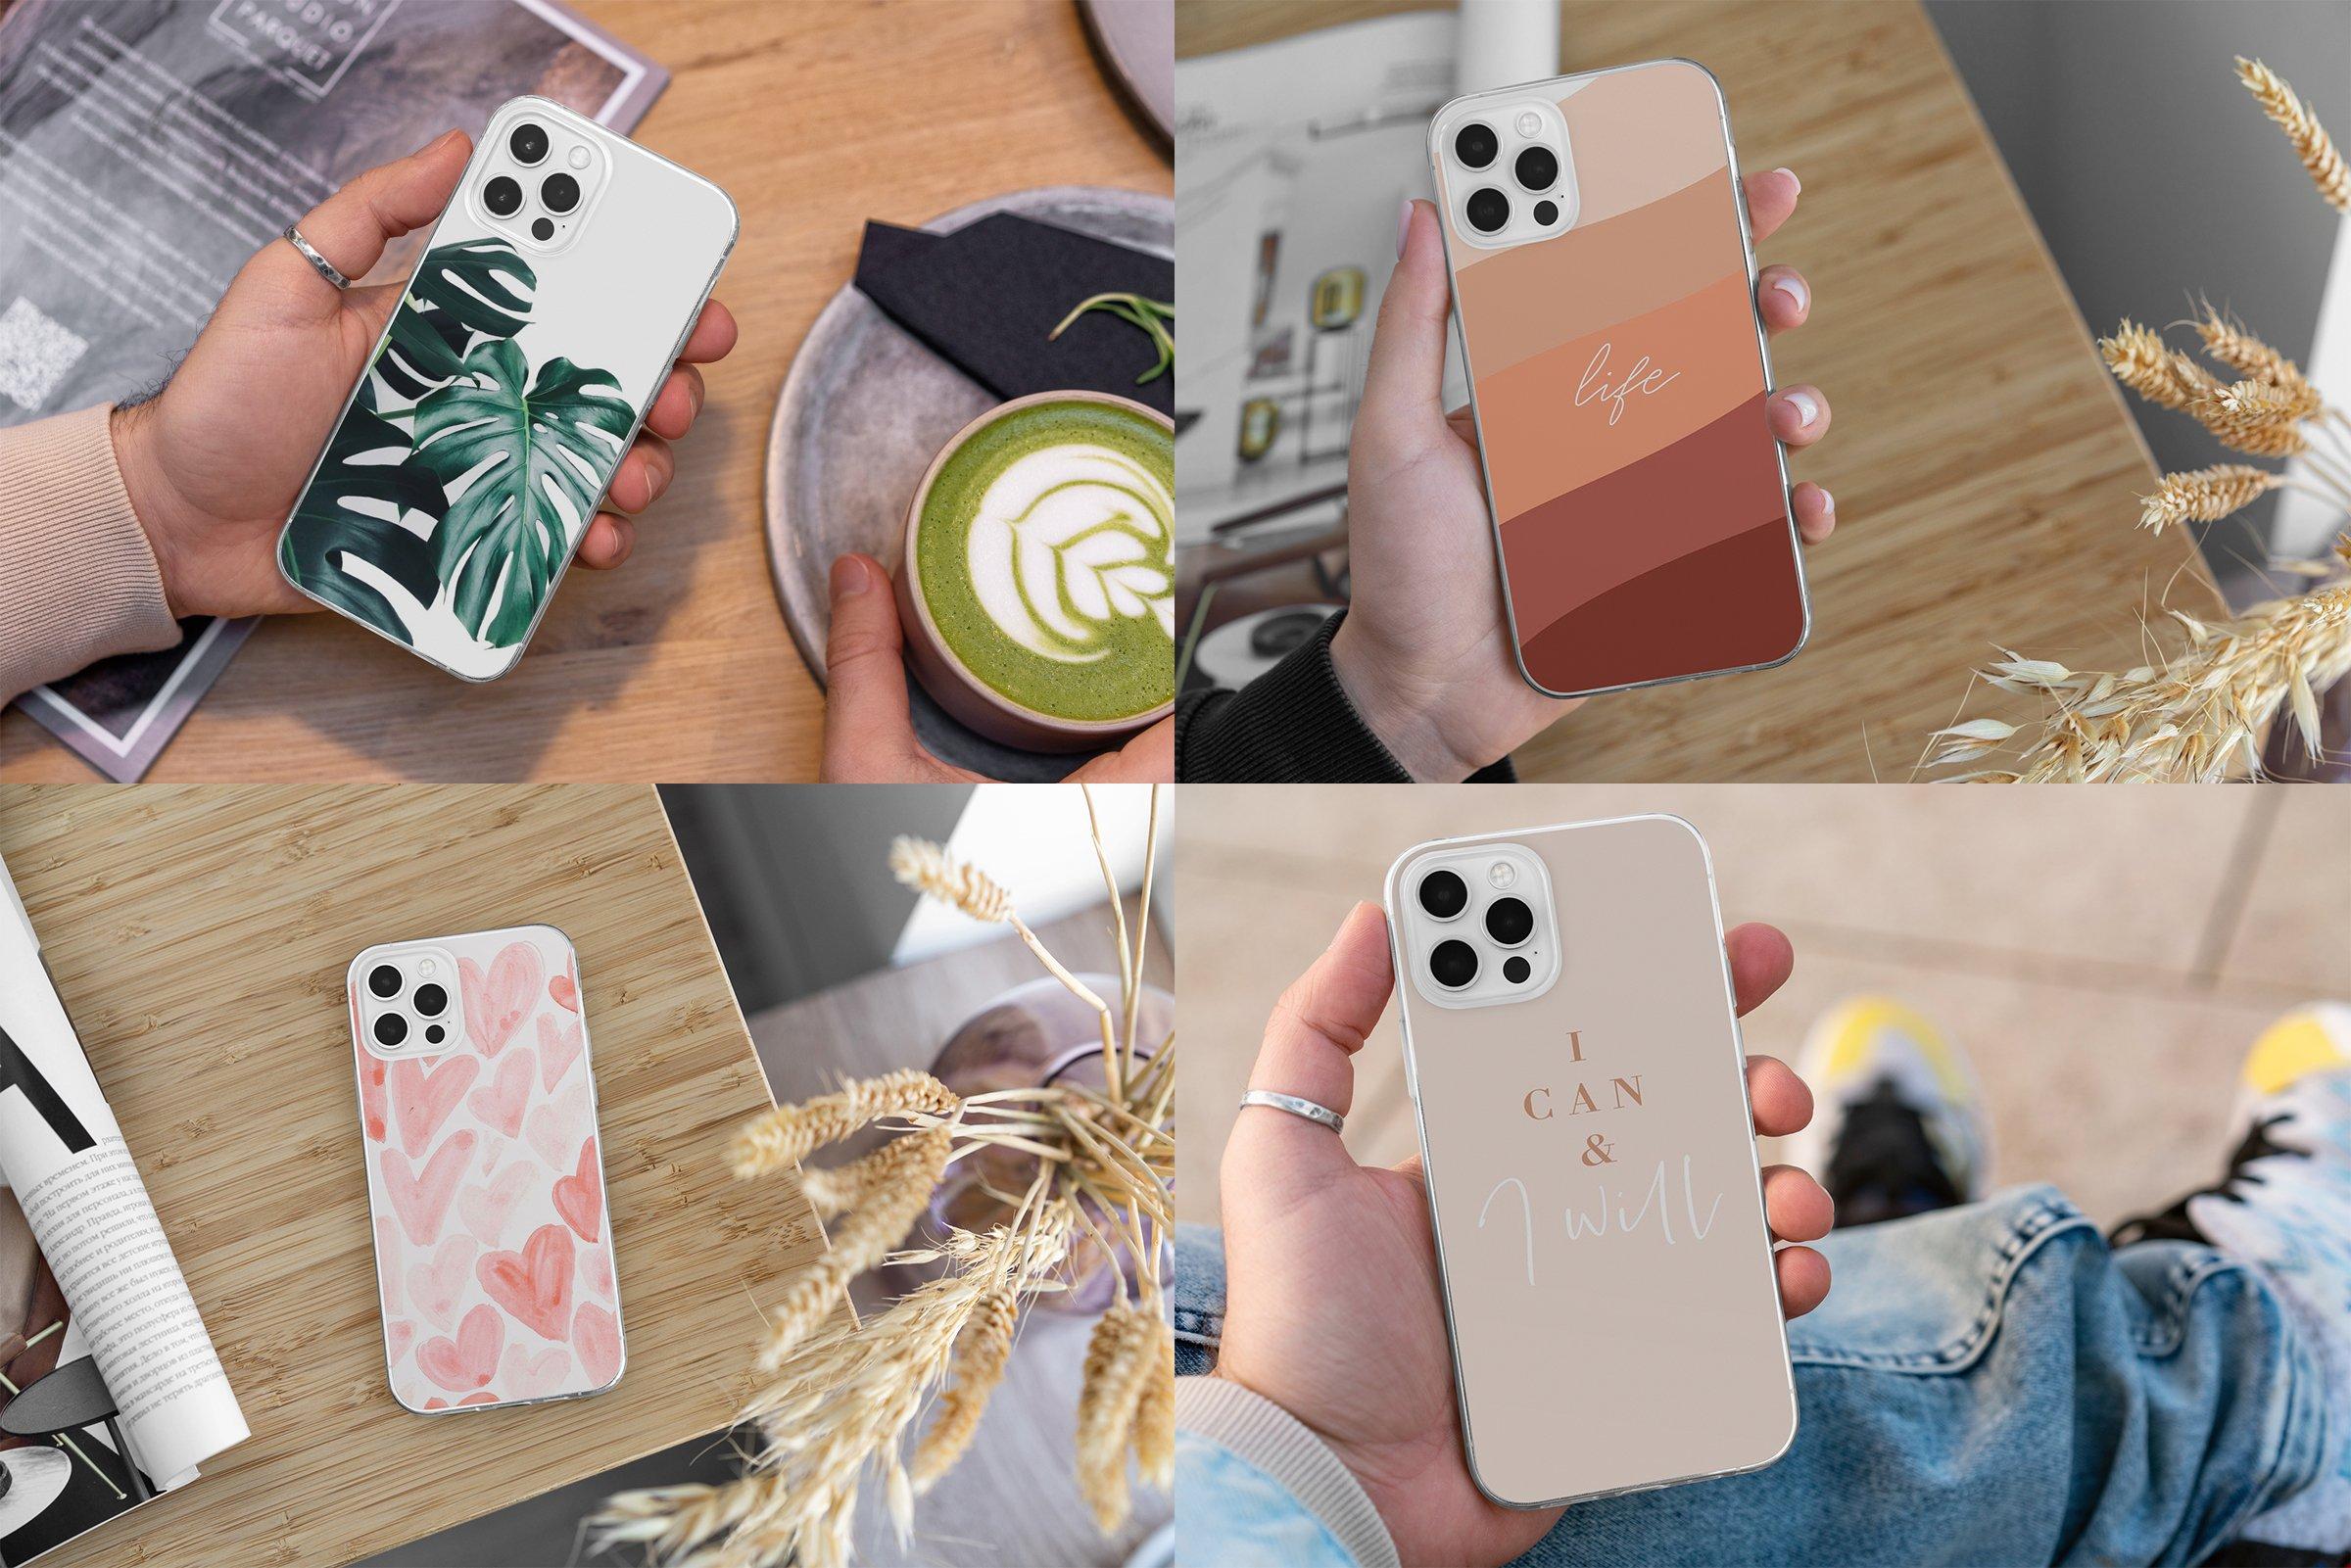 15款时尚苹果iPhone 12手机保护壳设计PS智能贴图样机模板 iPhone 12 Clear Case MockUp Vol.2插图7